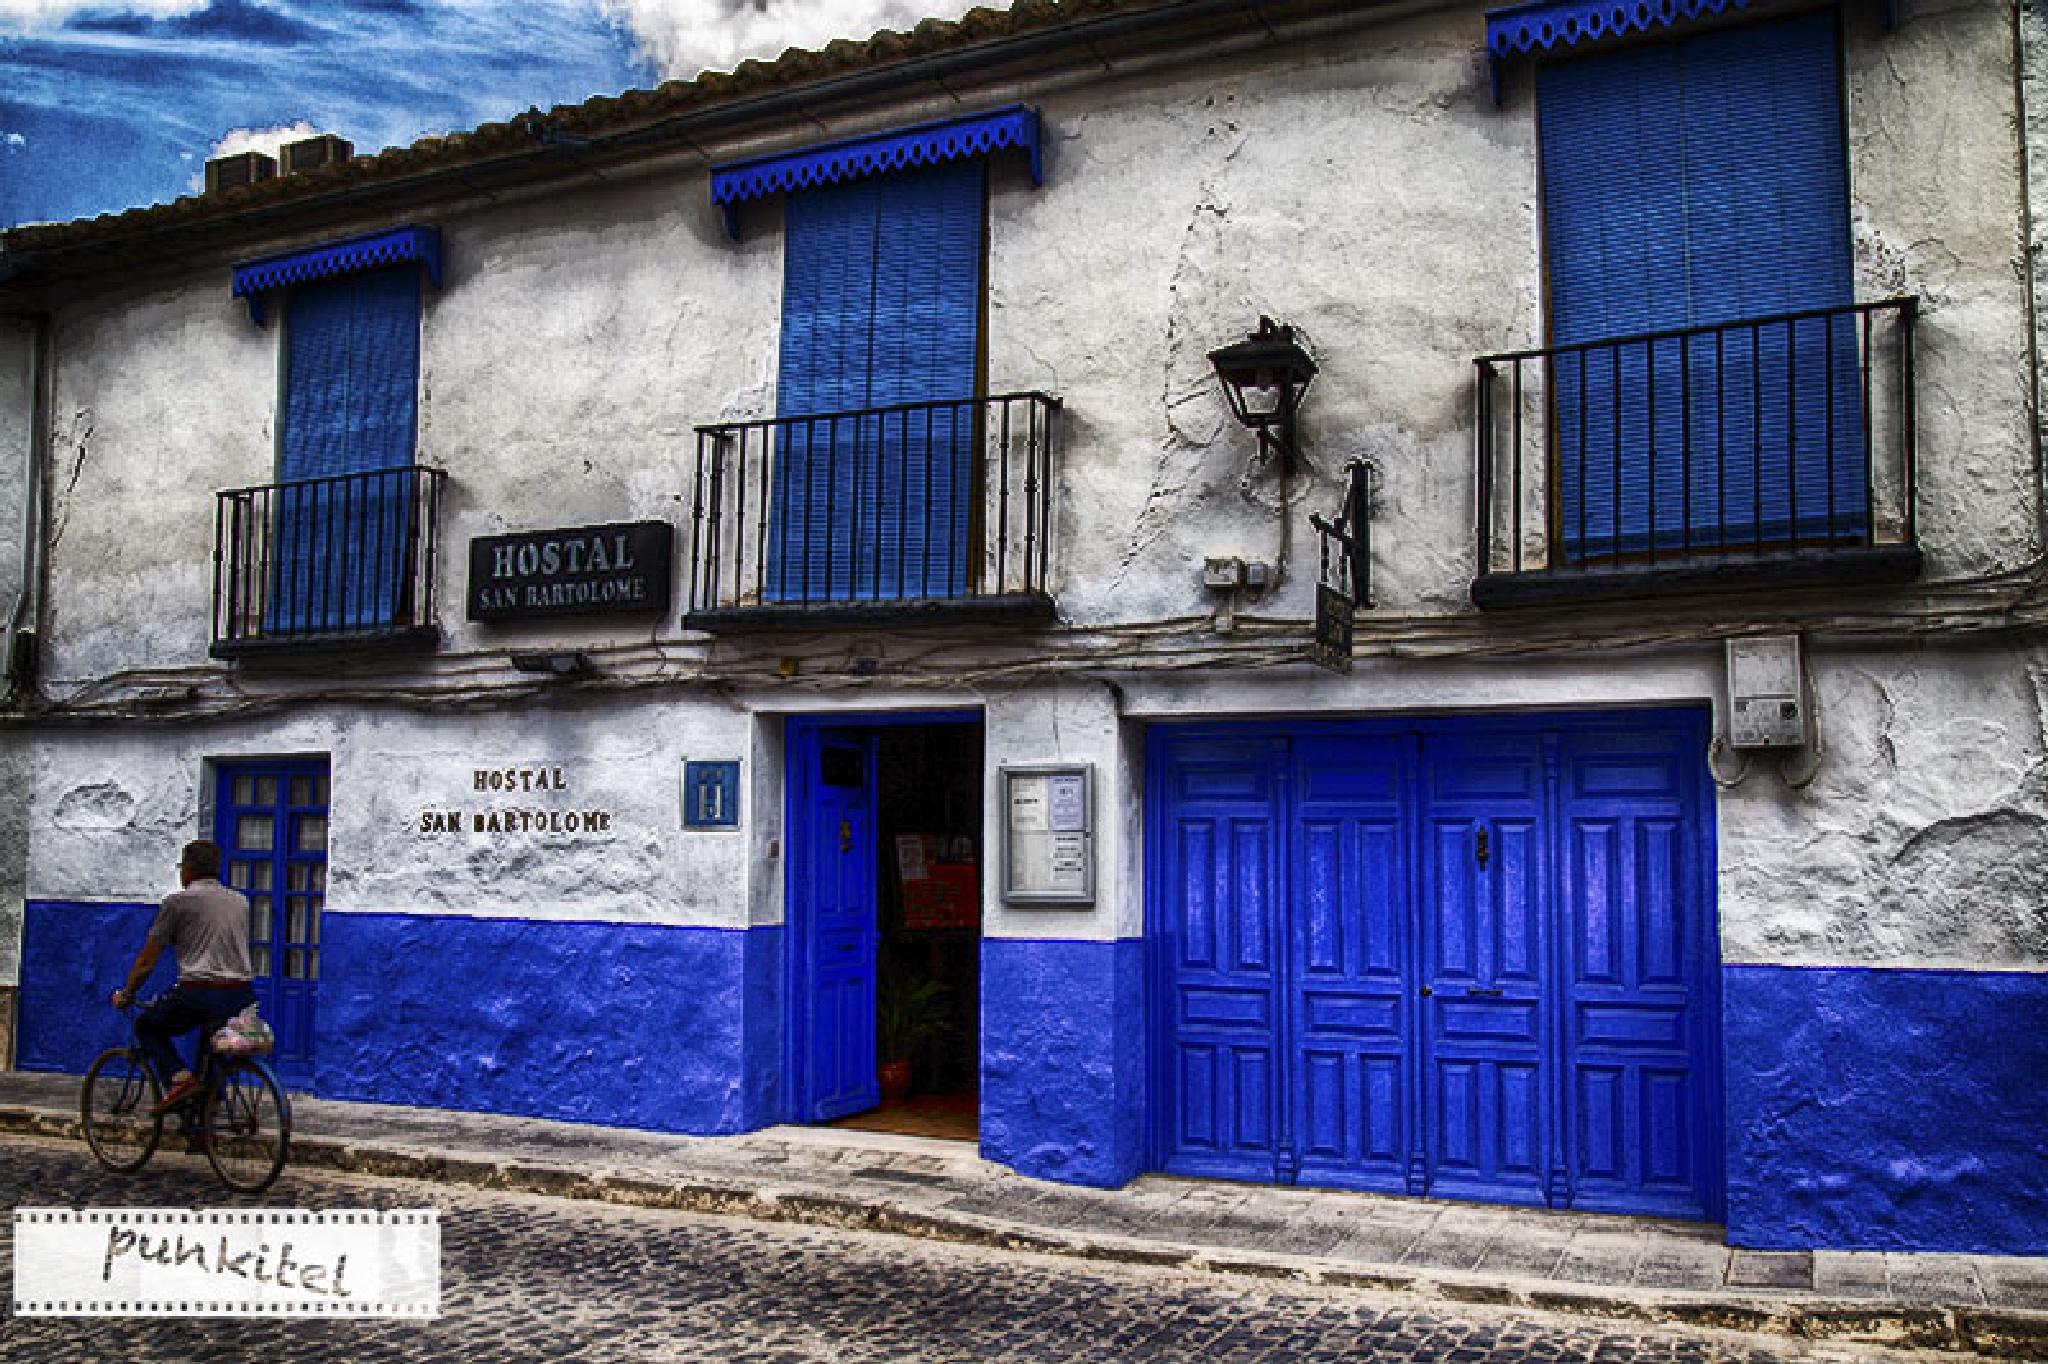 In a village of La Mancha by punkitel